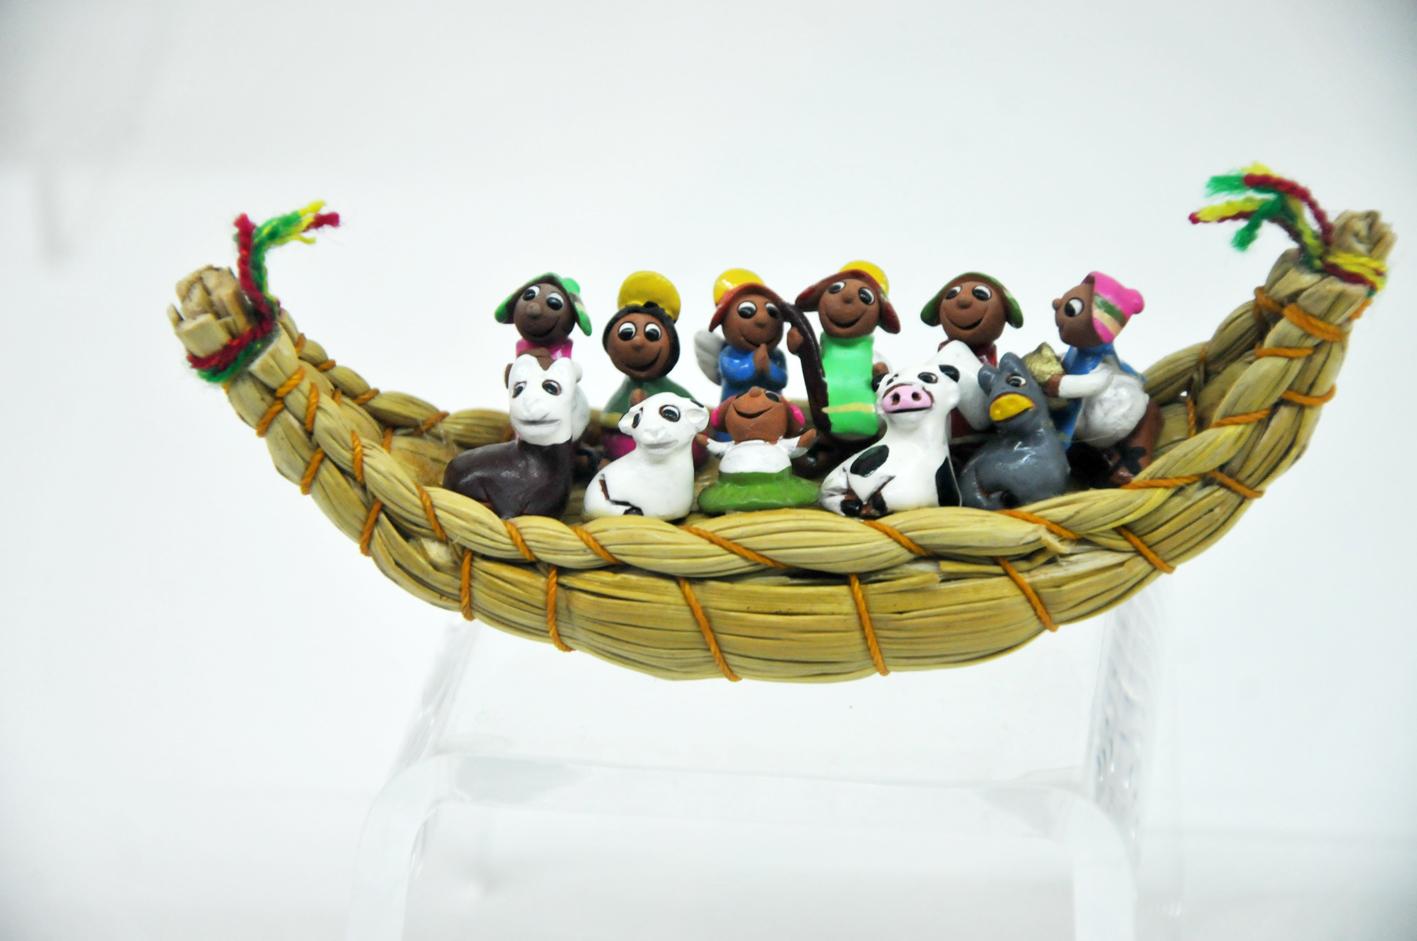 Nacimientos, una artesanía de nuestro país    Foto: Consejo Nacional para la Cultura y las Artes